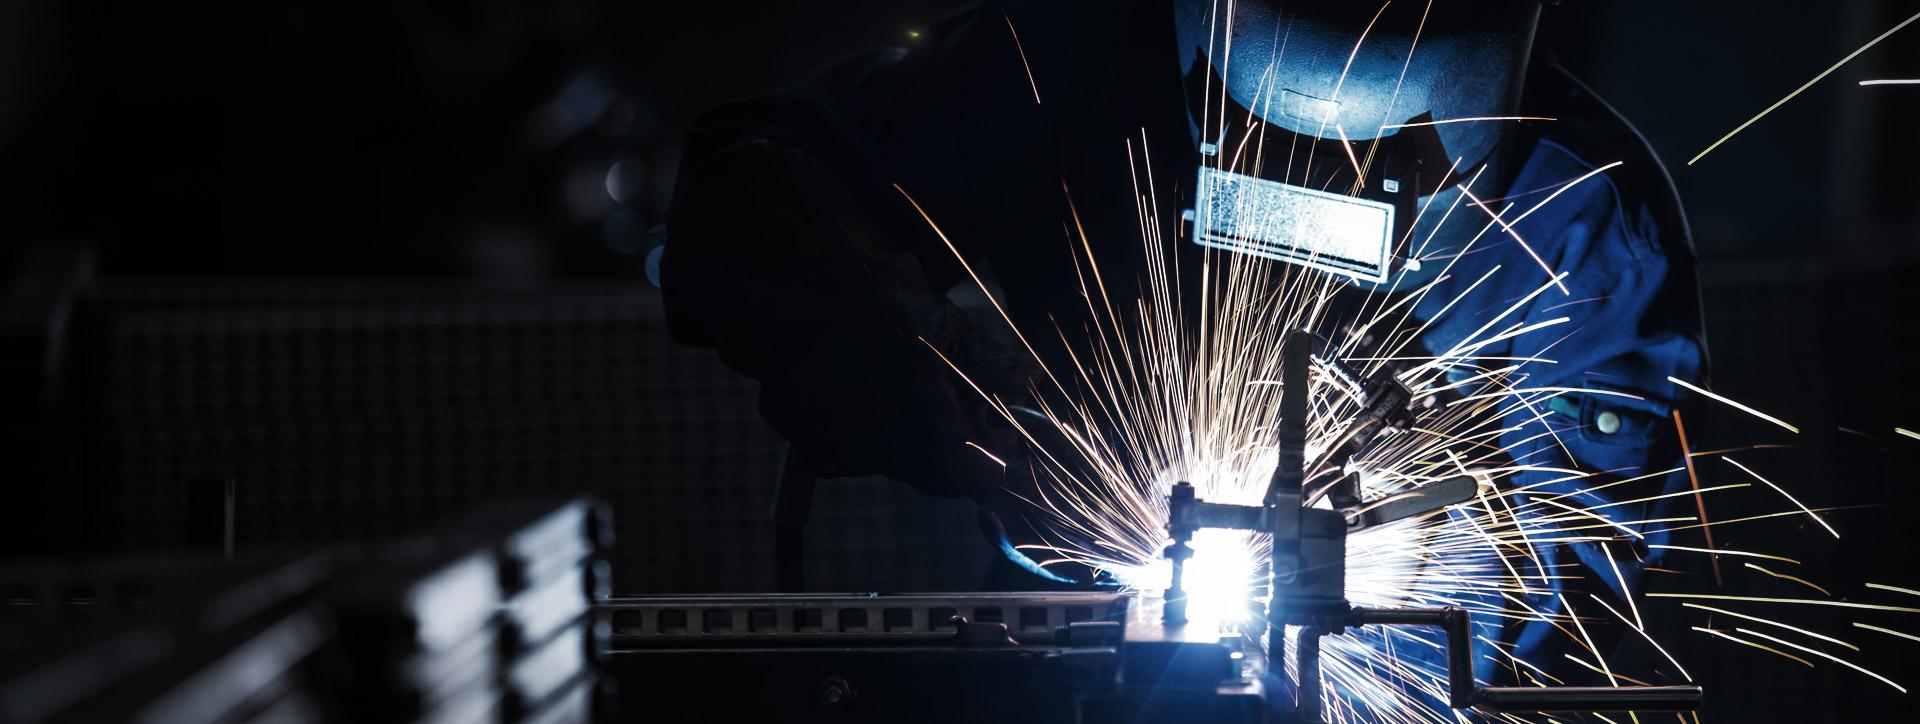 años-experiencia-calidad-framper-desarrollos-industriales